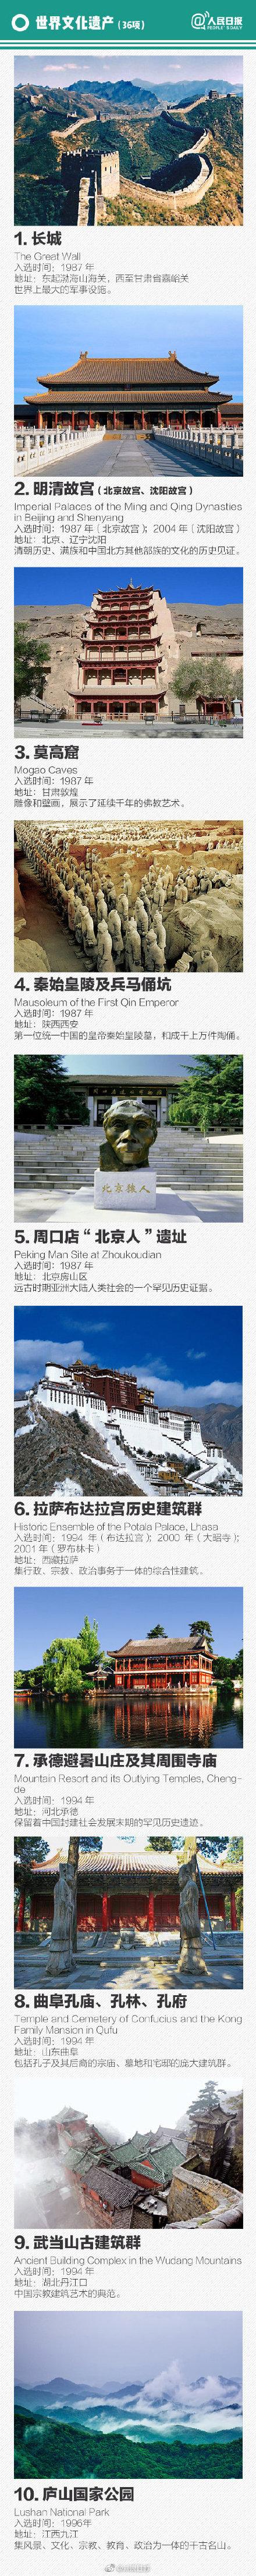 中国再添一处世界遗产,中国世界级遗产全名录